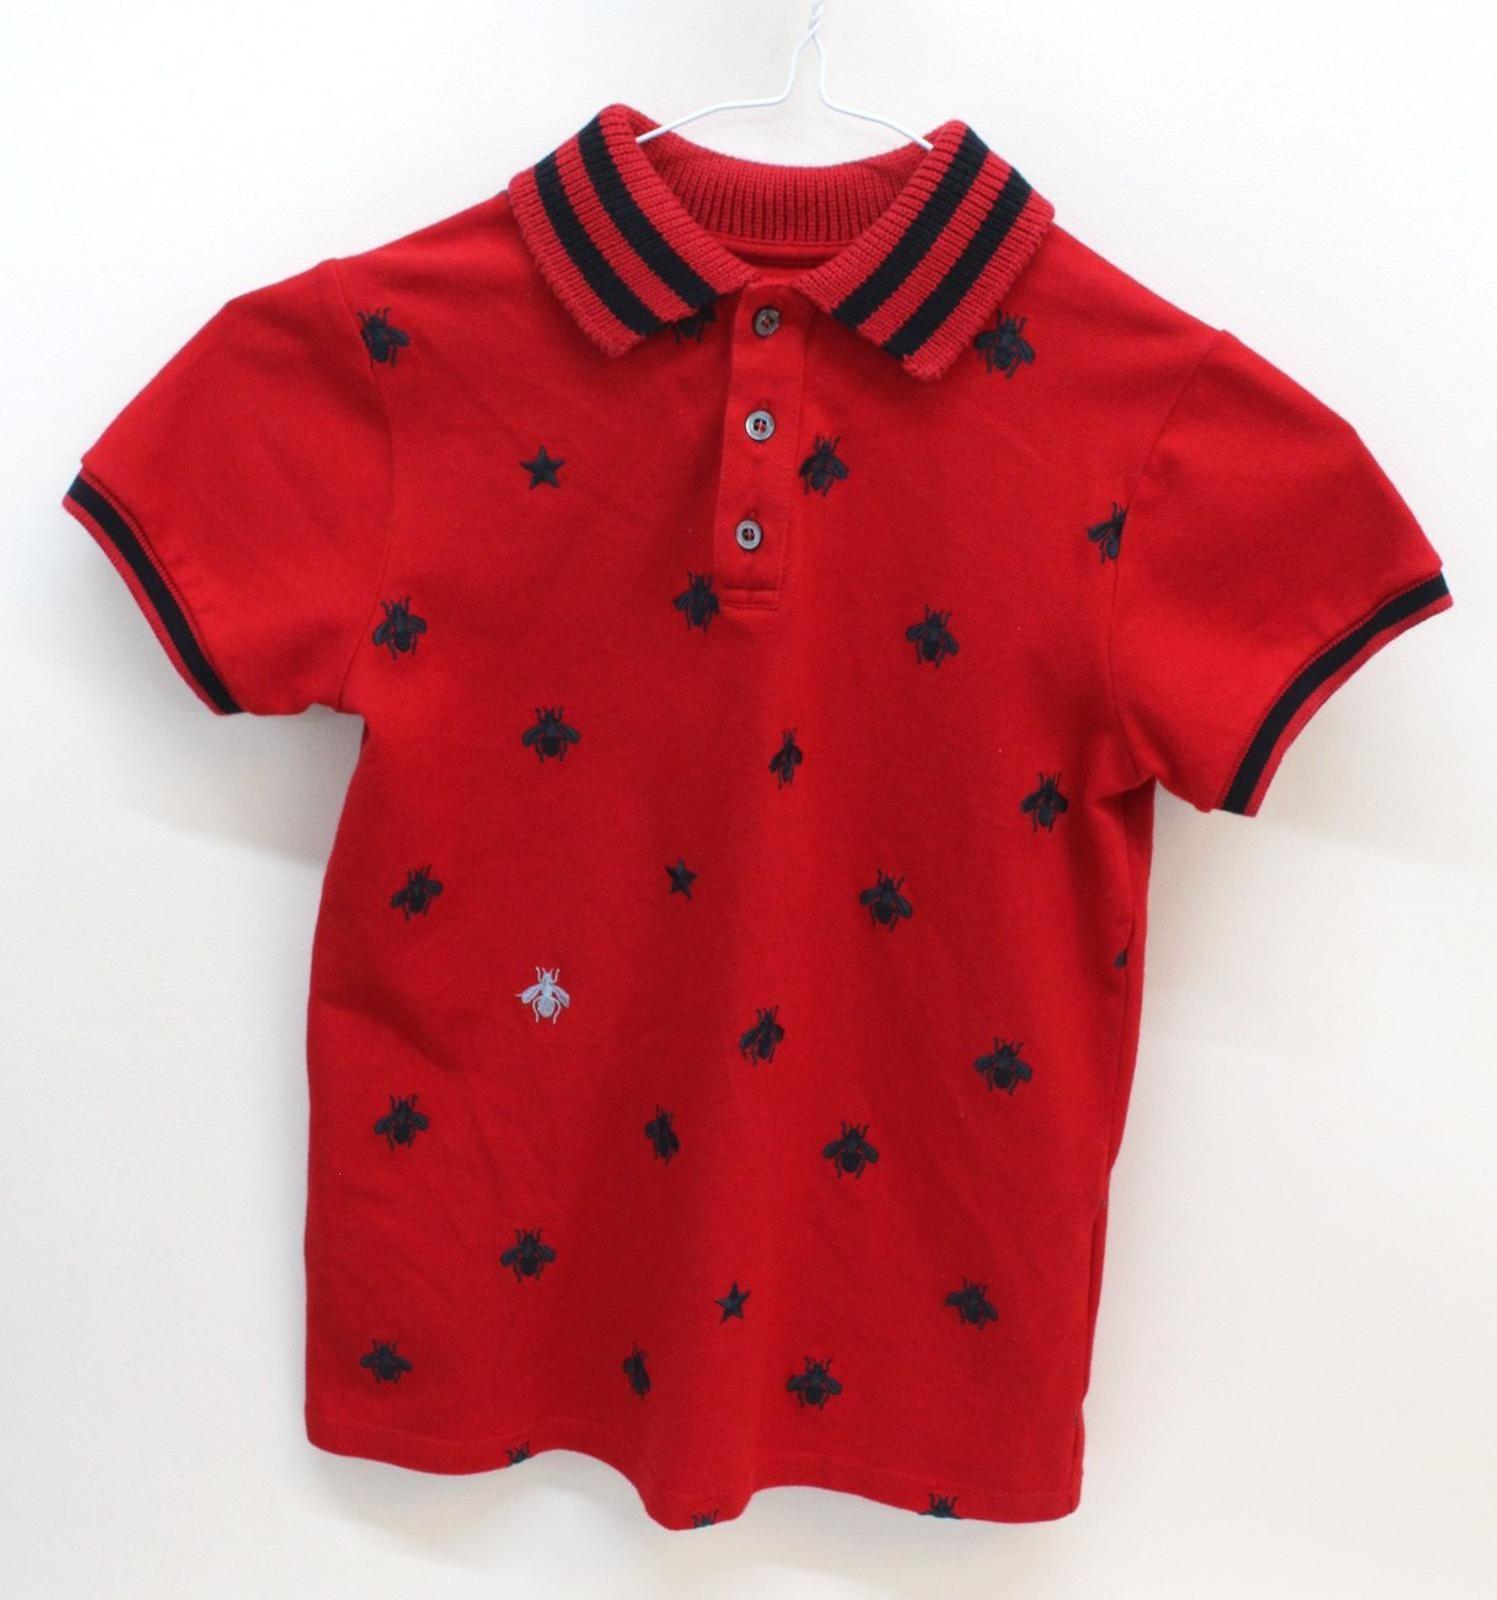 e12de5ba4d GUCCI Boys Red Cotton Blend Bee Embroidery Short Sleeve Polo Shirt 8 ...